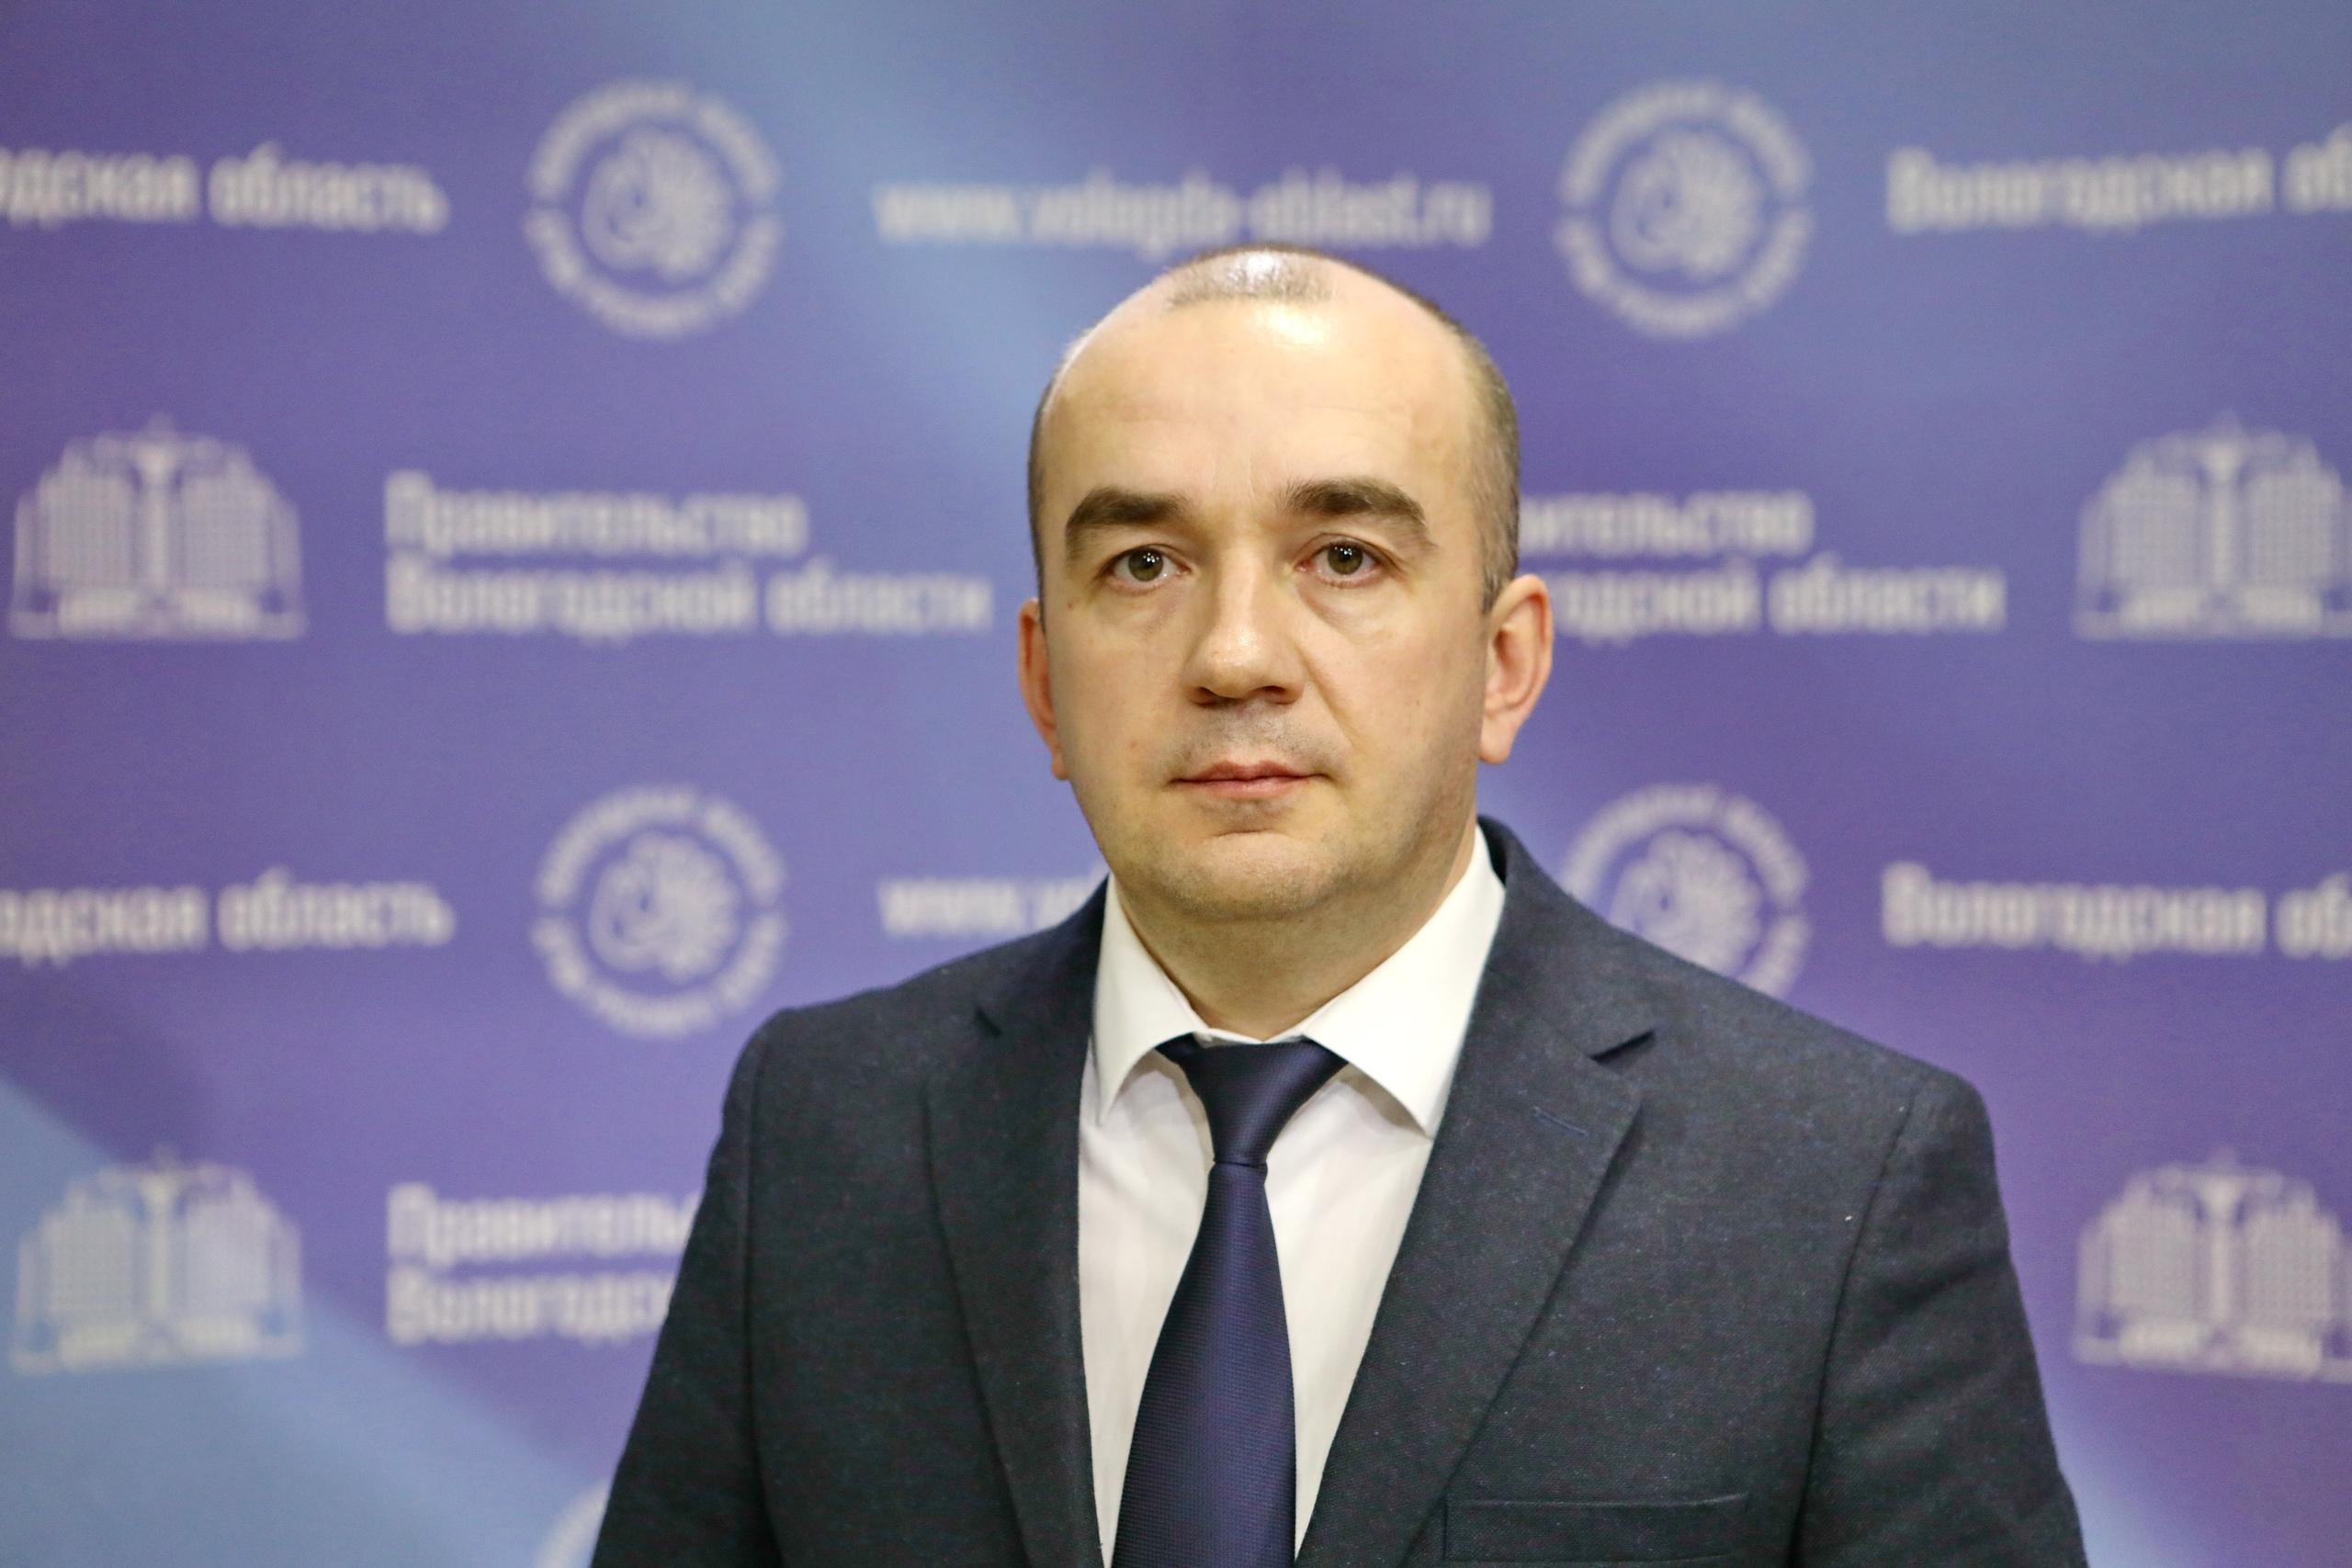 Департамент соцзащиты населения Вологодской области возглавил Александр Ершов